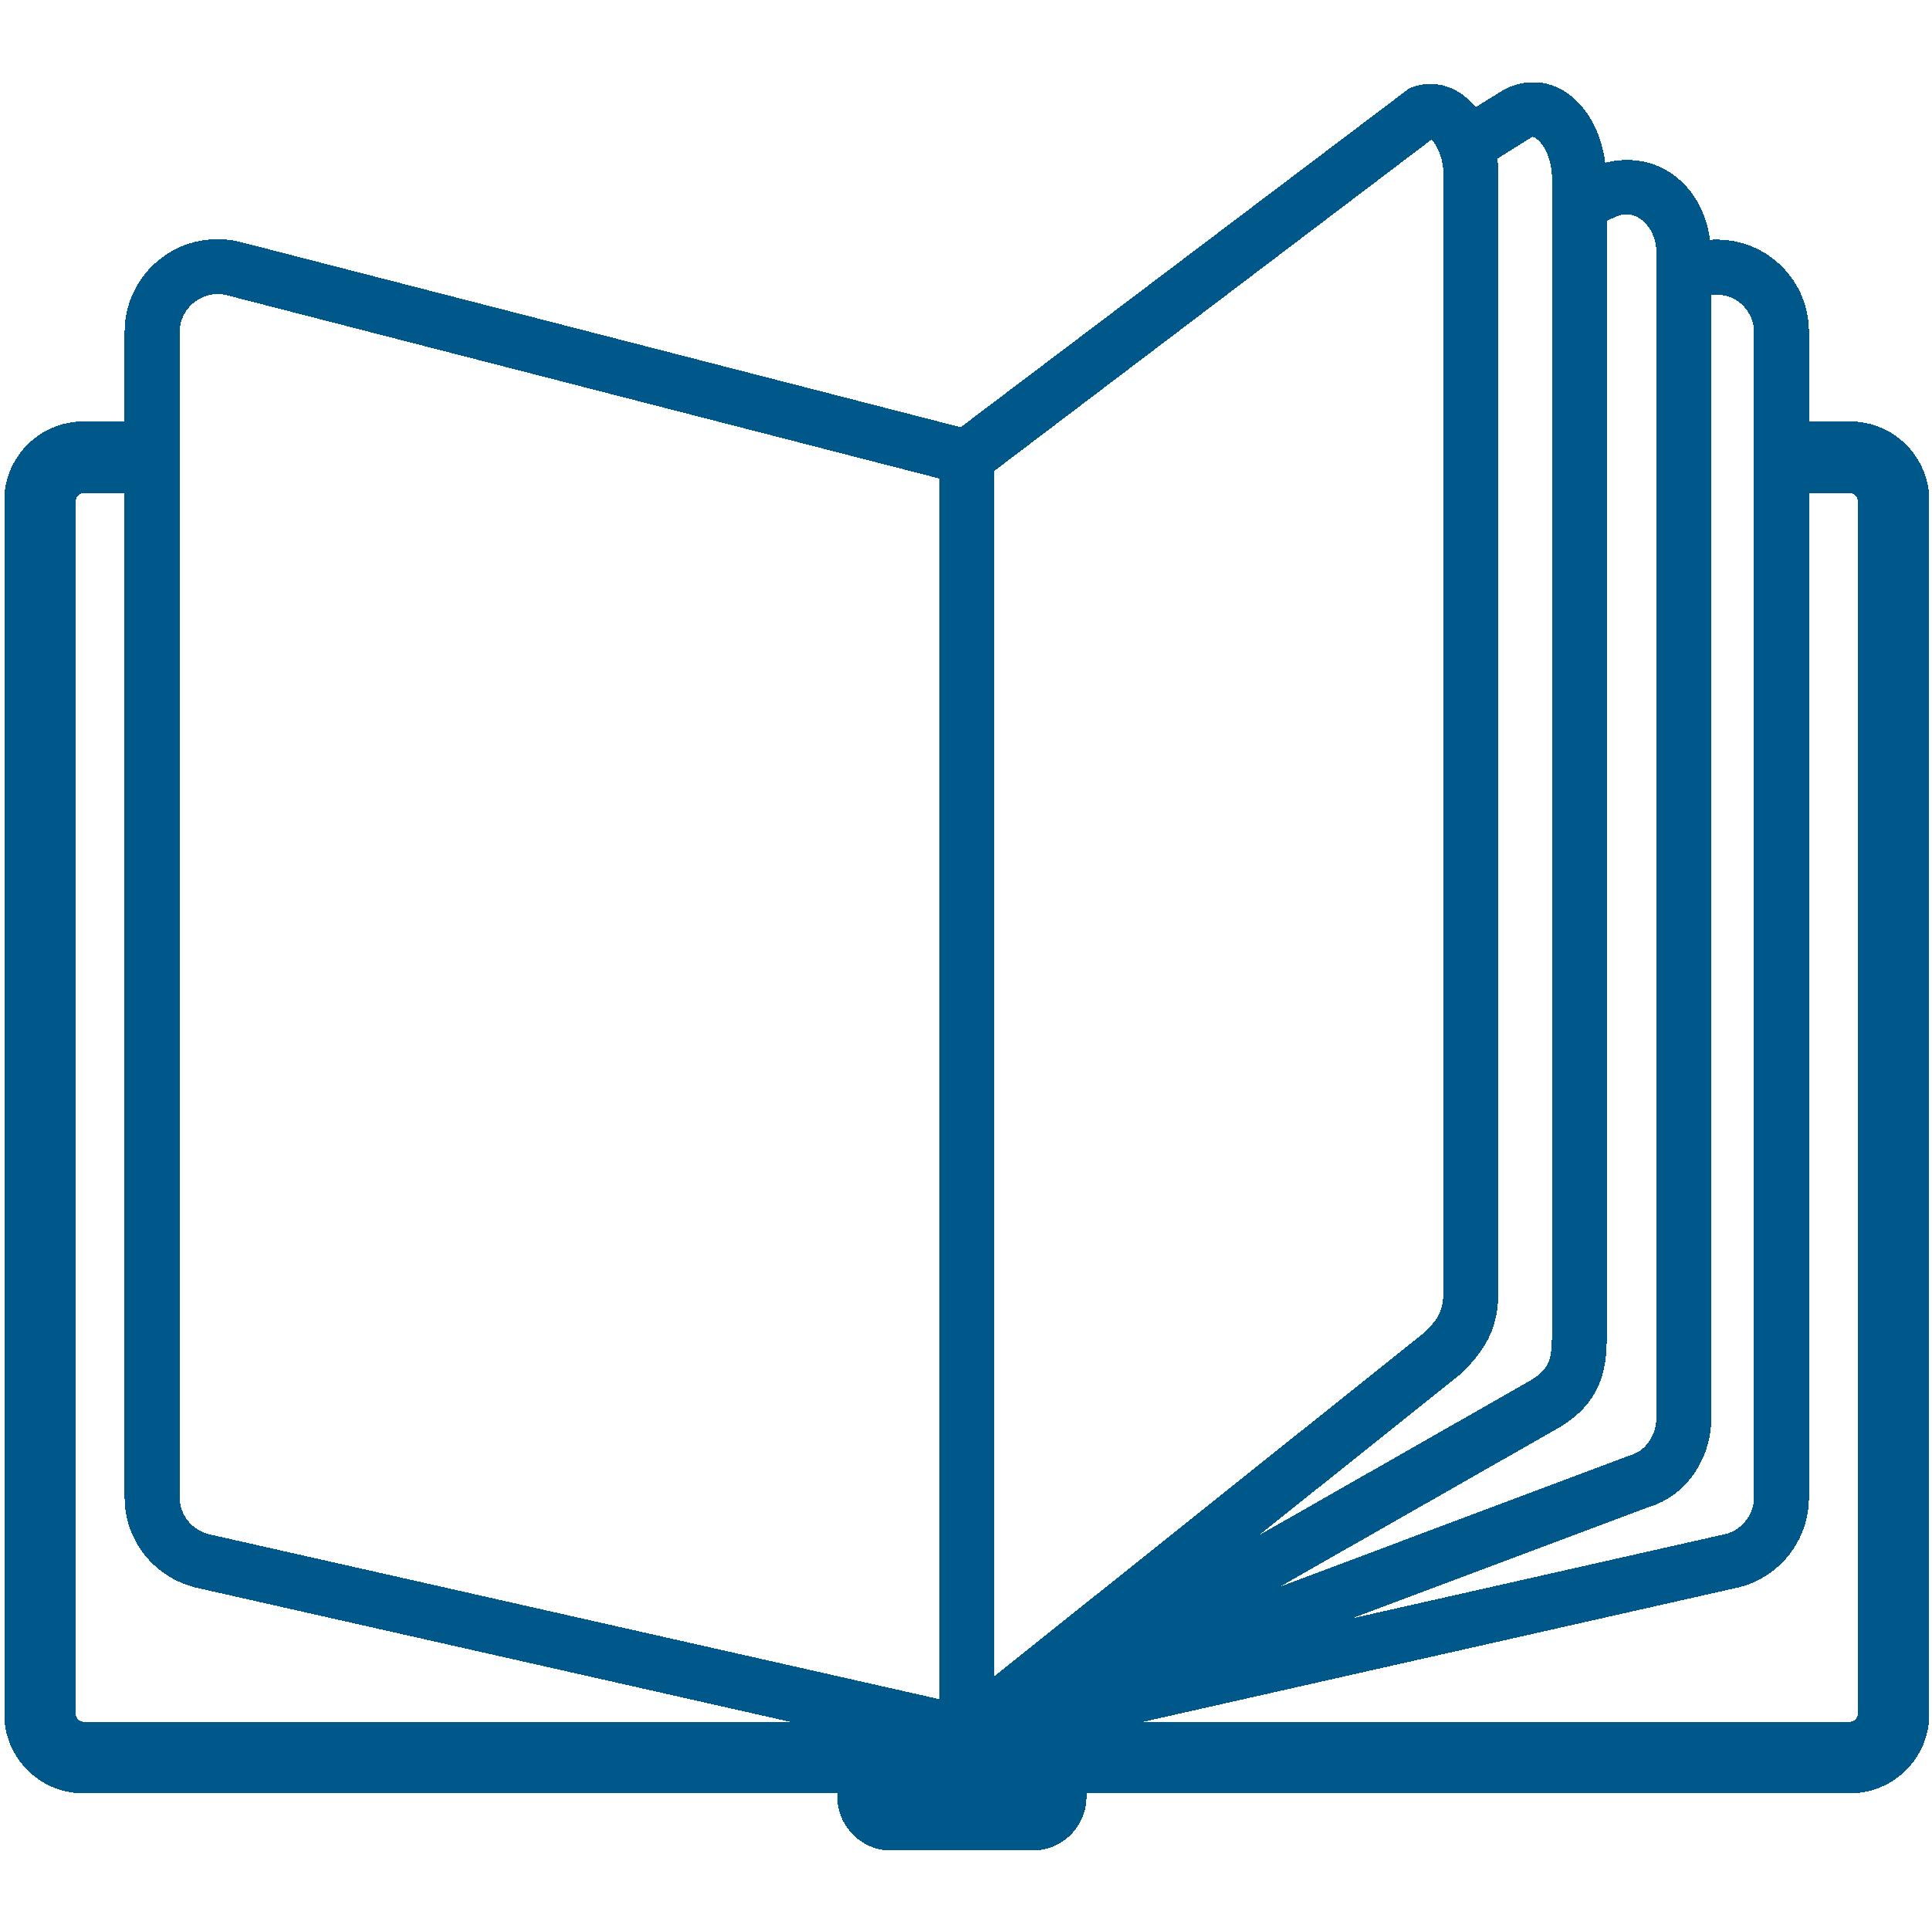 AGA Journals